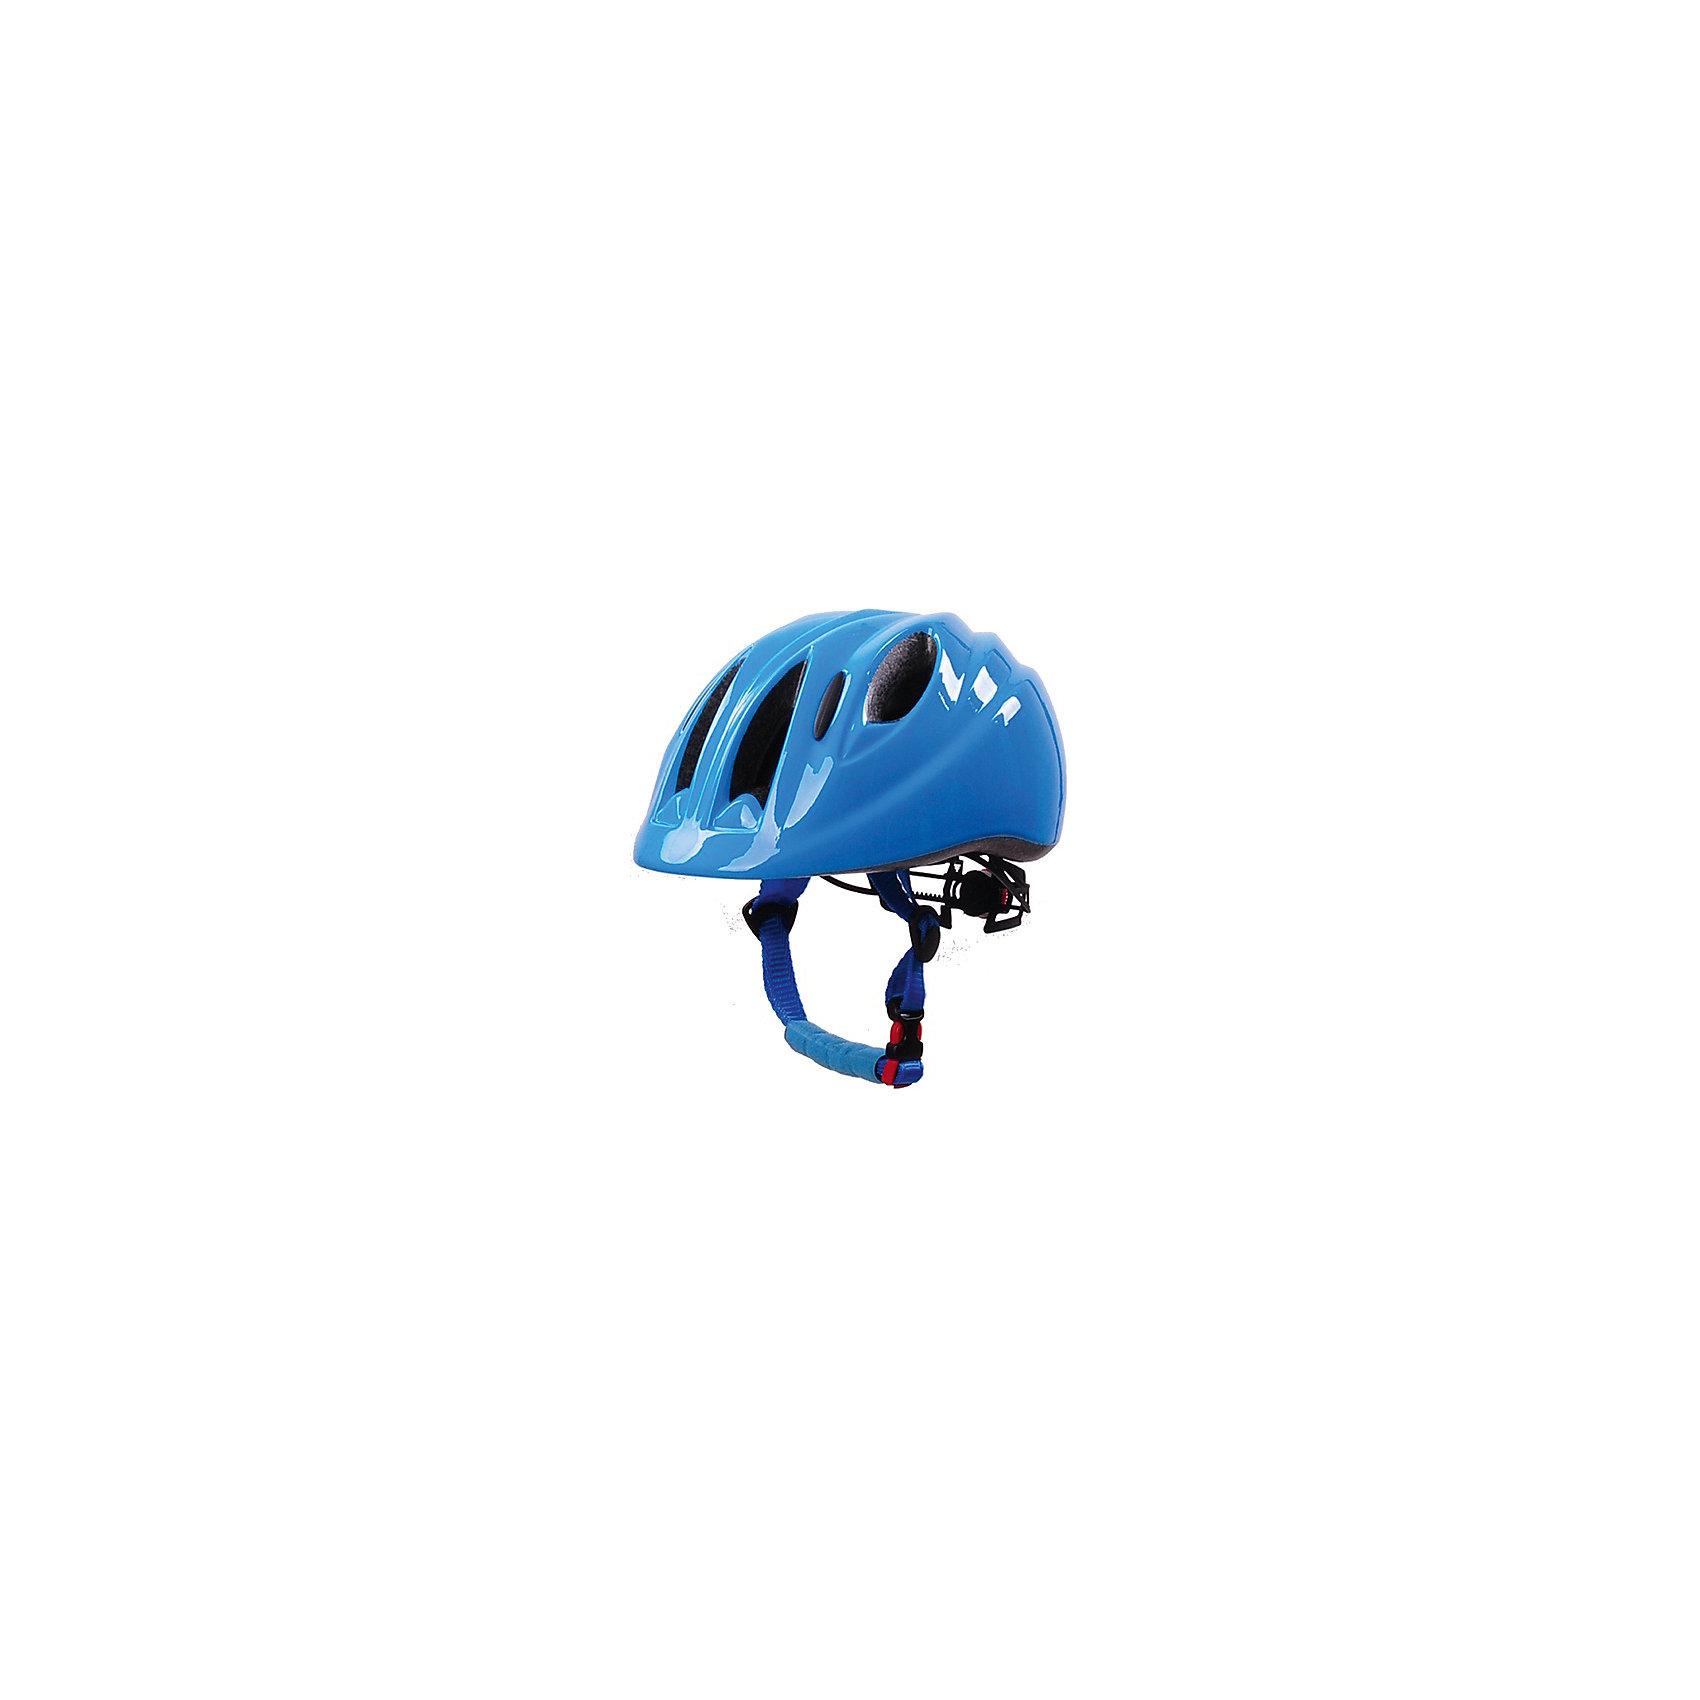 Шлем Plasma 200, размер M, синий, Tech TeamШлем Plasma 200, размер M, синий, Tech Team - этот шлем защитит вашего ребенка от травм.<br>Защитный шлем Plasma 200 для подростков - это надежный аксессуар, необходимый каждому роллеру для защиты головы. Удобный ремешок, быстросъемная застежка обеспечат комфортный и плотный обхват, при этом ребенок не будет испытывать чувство дискомфорта.<br><br>Дополнительная информация:<br><br>- Размер: М<br>- Цвет: синий<br>- Материал: пластик, пенопласт<br>- Размер упаковки: 67х5,5х46 см.<br>- Вес: 500 гр.<br><br>Шлем Plasma 200, размер M, синий, Tech Team можно купить в нашем интернет-магазине.<br><br>Ширина мм: 670<br>Глубина мм: 55<br>Высота мм: 460<br>Вес г: 500<br>Возраст от месяцев: 60<br>Возраст до месяцев: 96<br>Пол: Унисекс<br>Возраст: Детский<br>SKU: 4709790